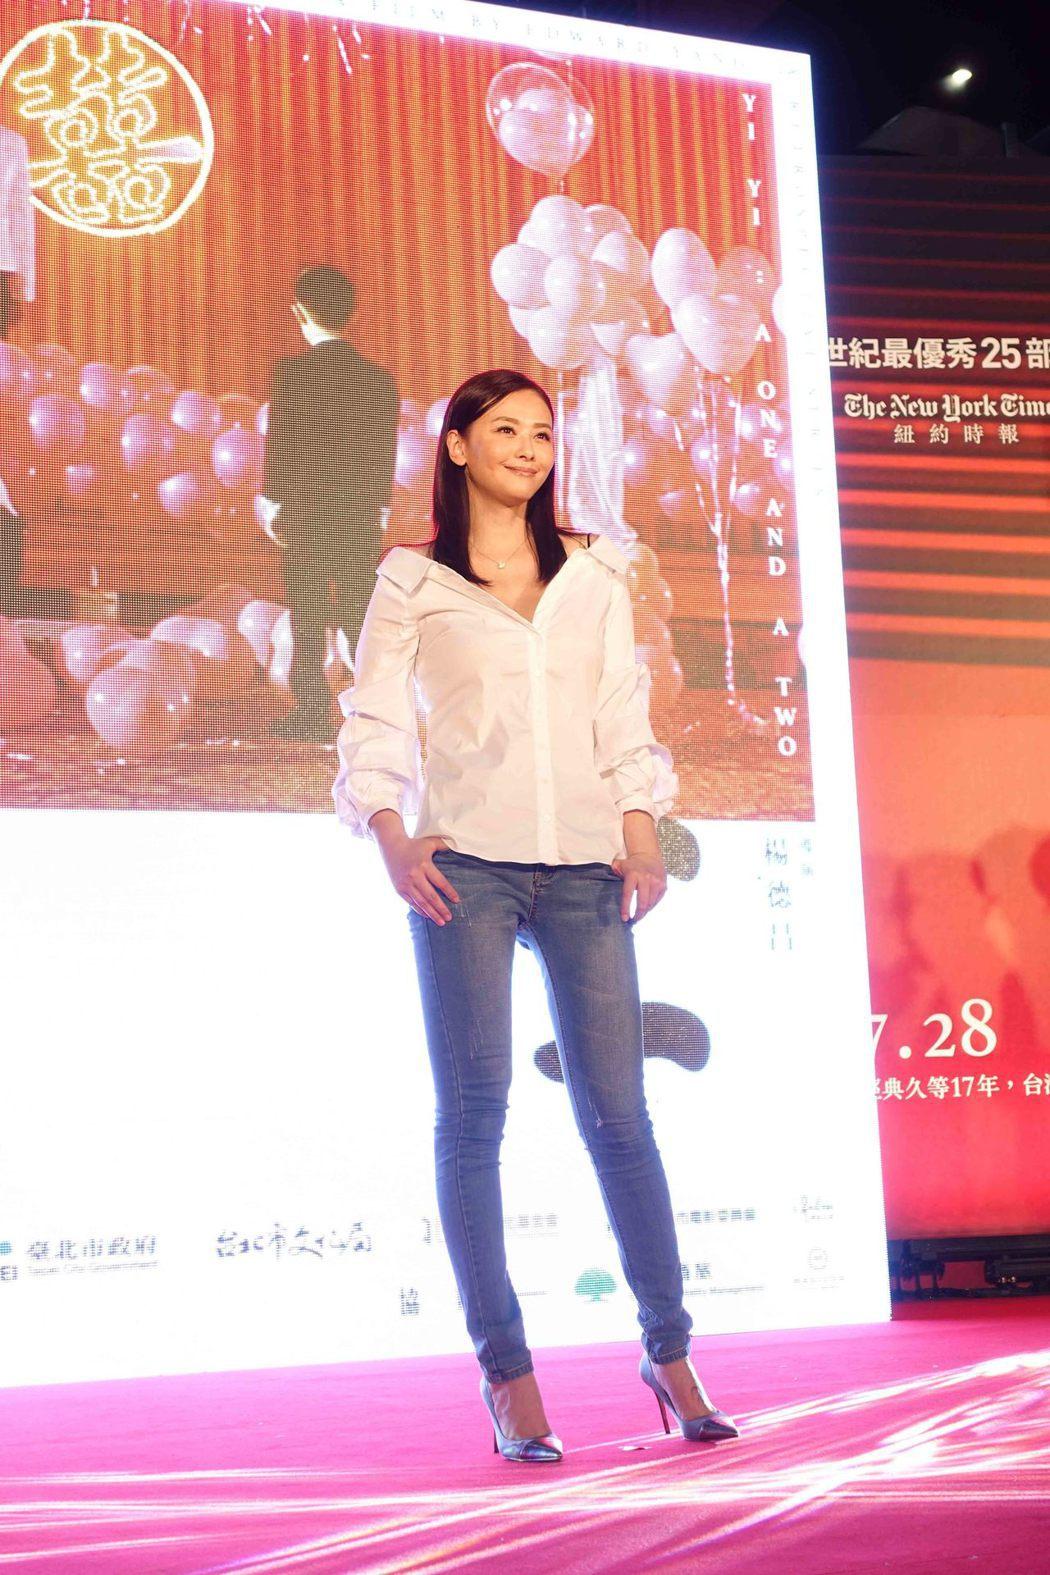 蕭淑慎恢復昔日丰采,出席「一一」首映會。圖/傳影互動提供